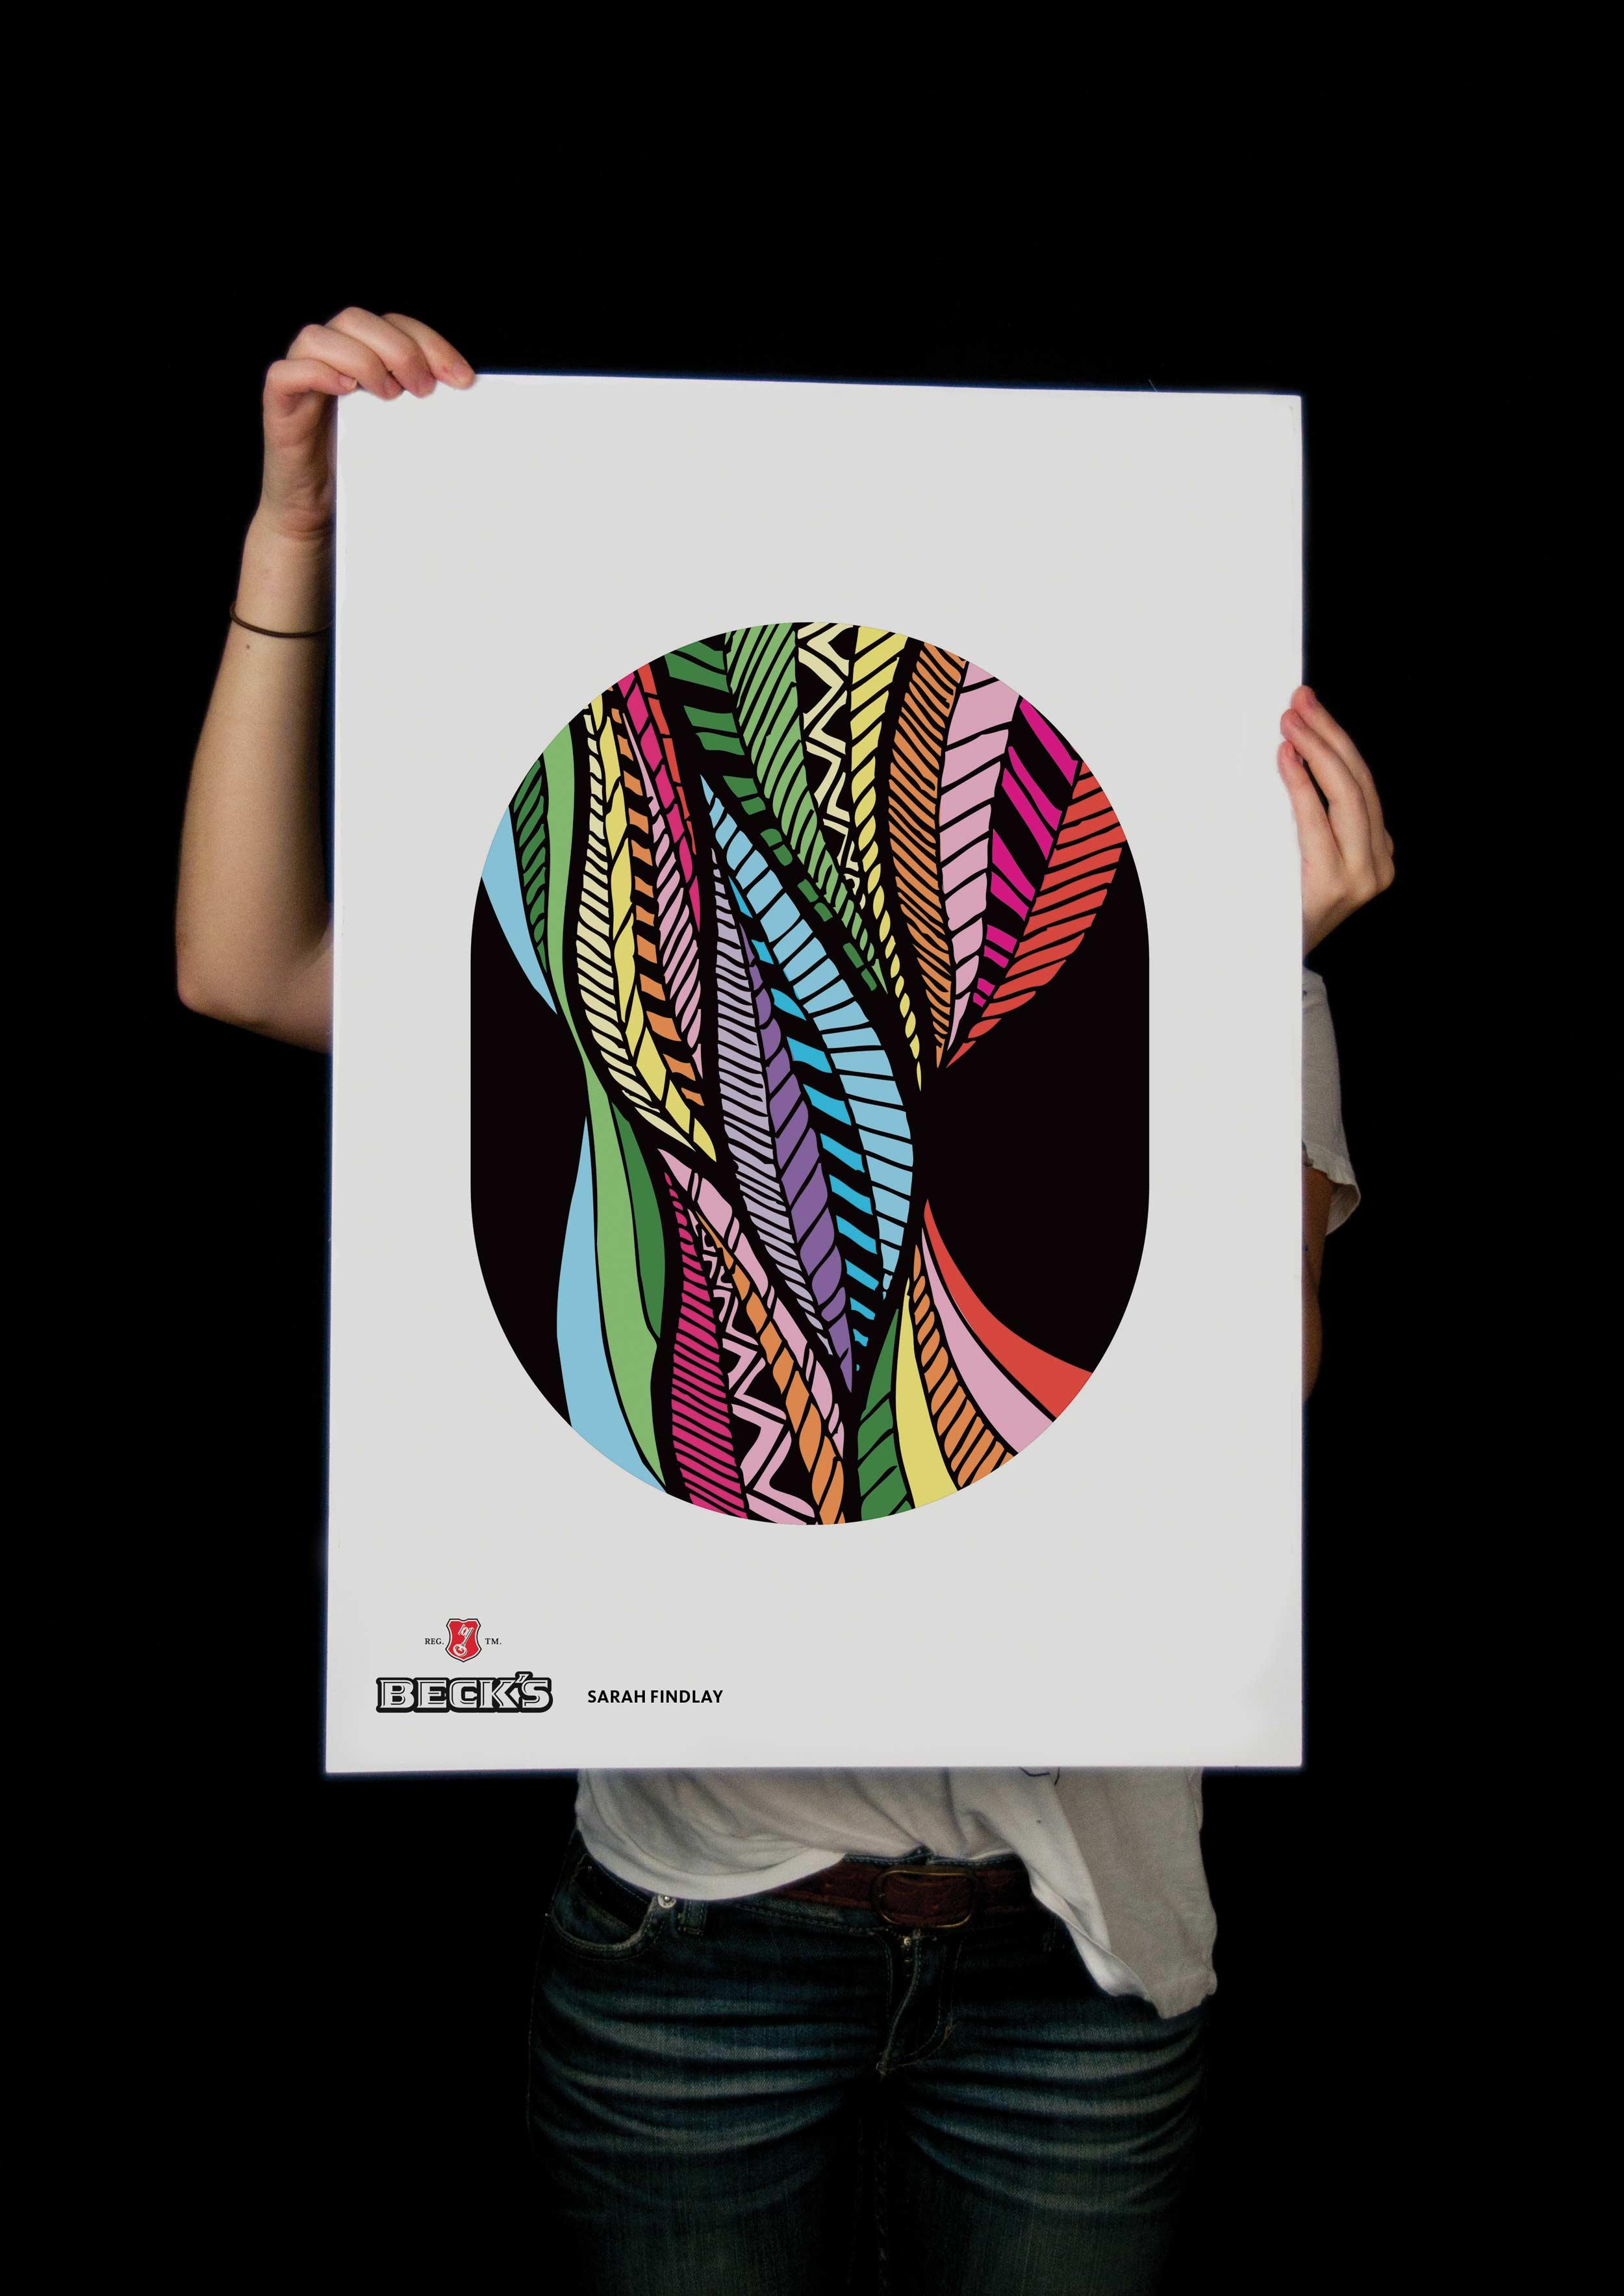 Sarah Findlay Beck's beer label poster